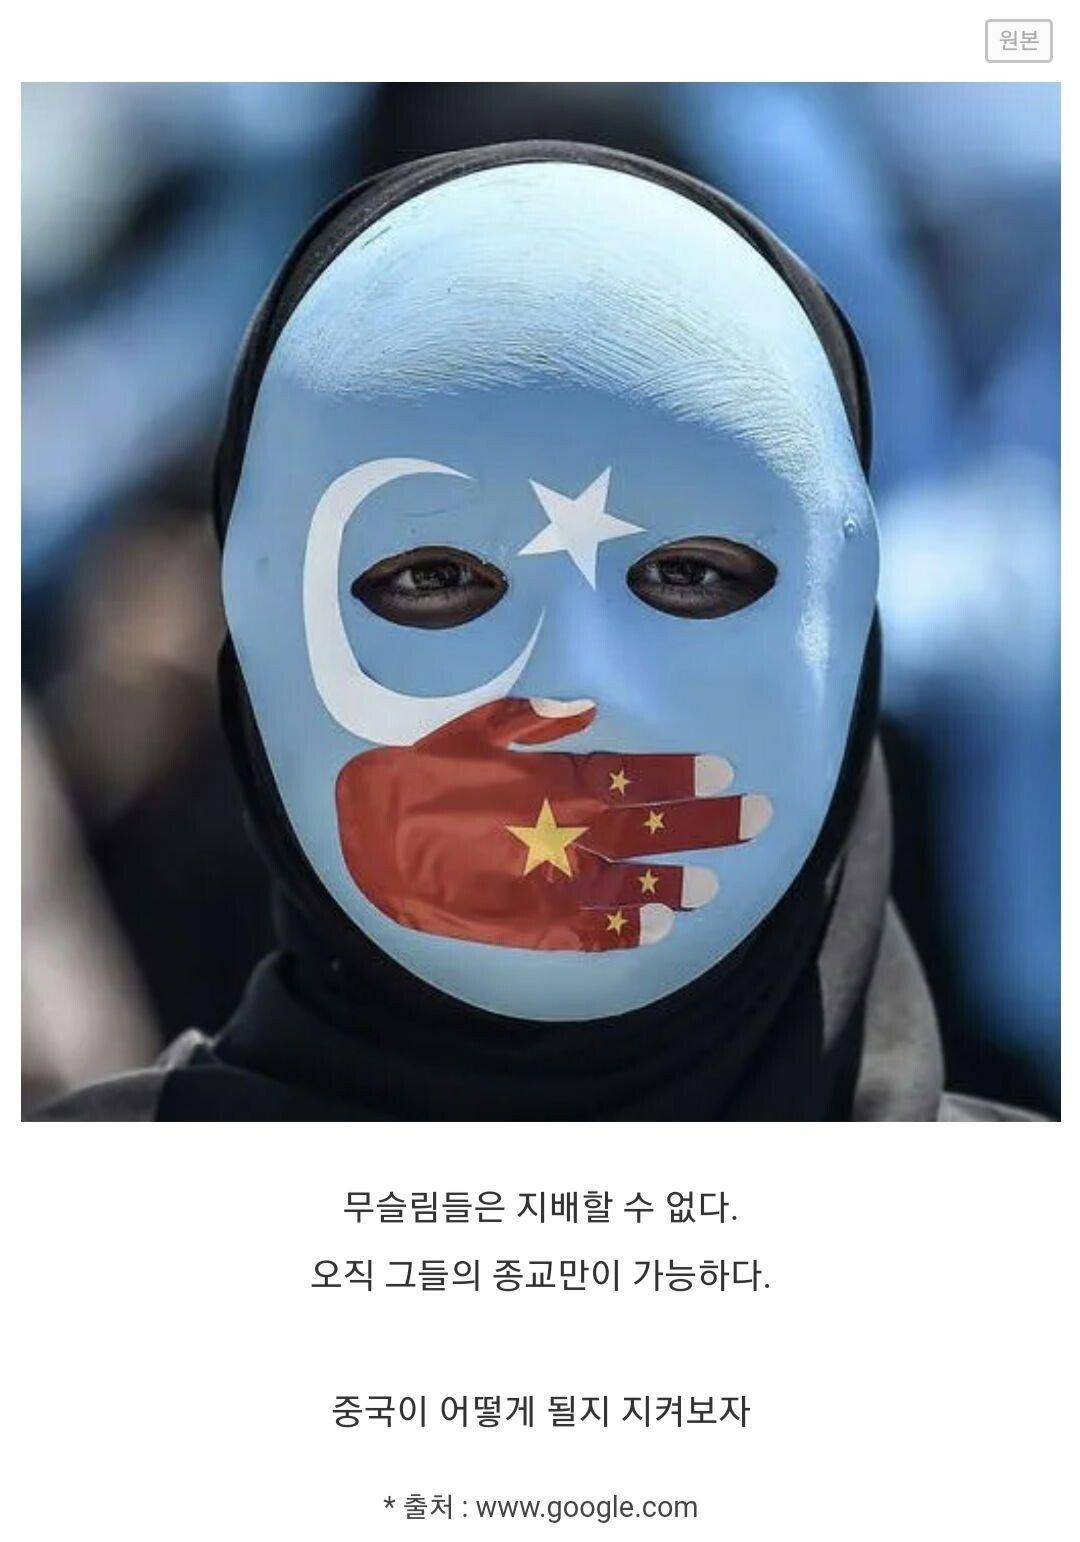 미국의 아프가니스탄 철수로 중국이 긴장하는 이유